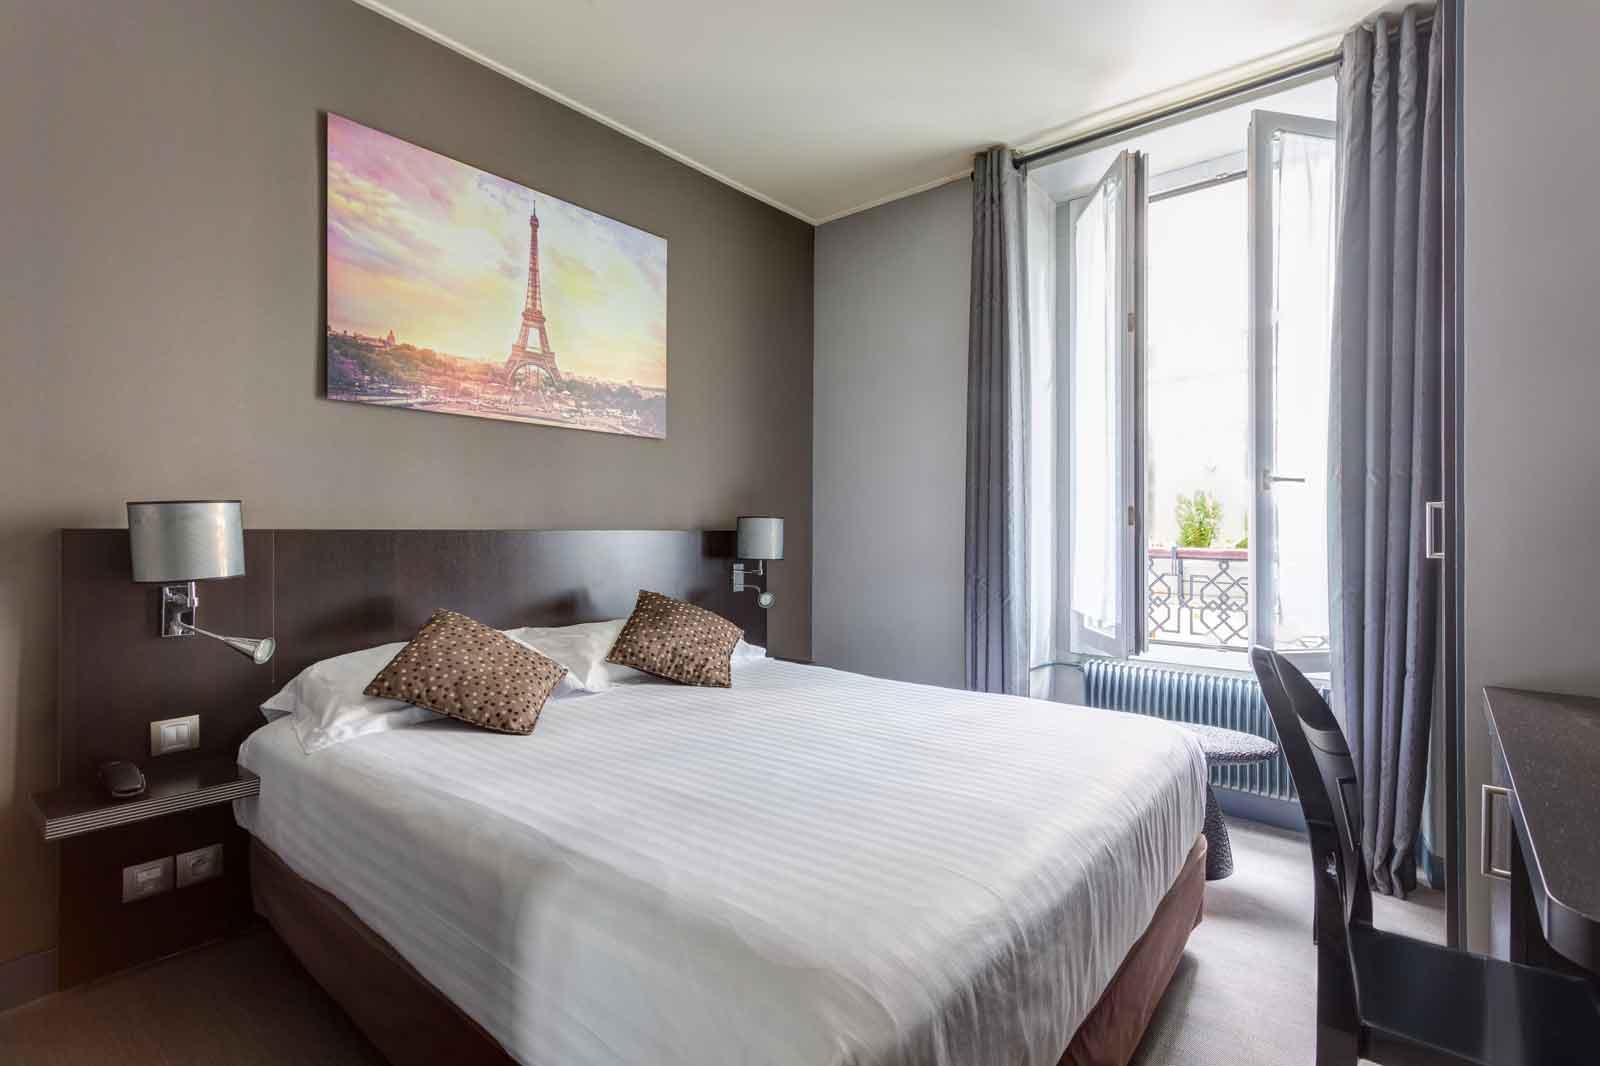 Chambre Double En Anglais - Décoration de maison idées de design d ...